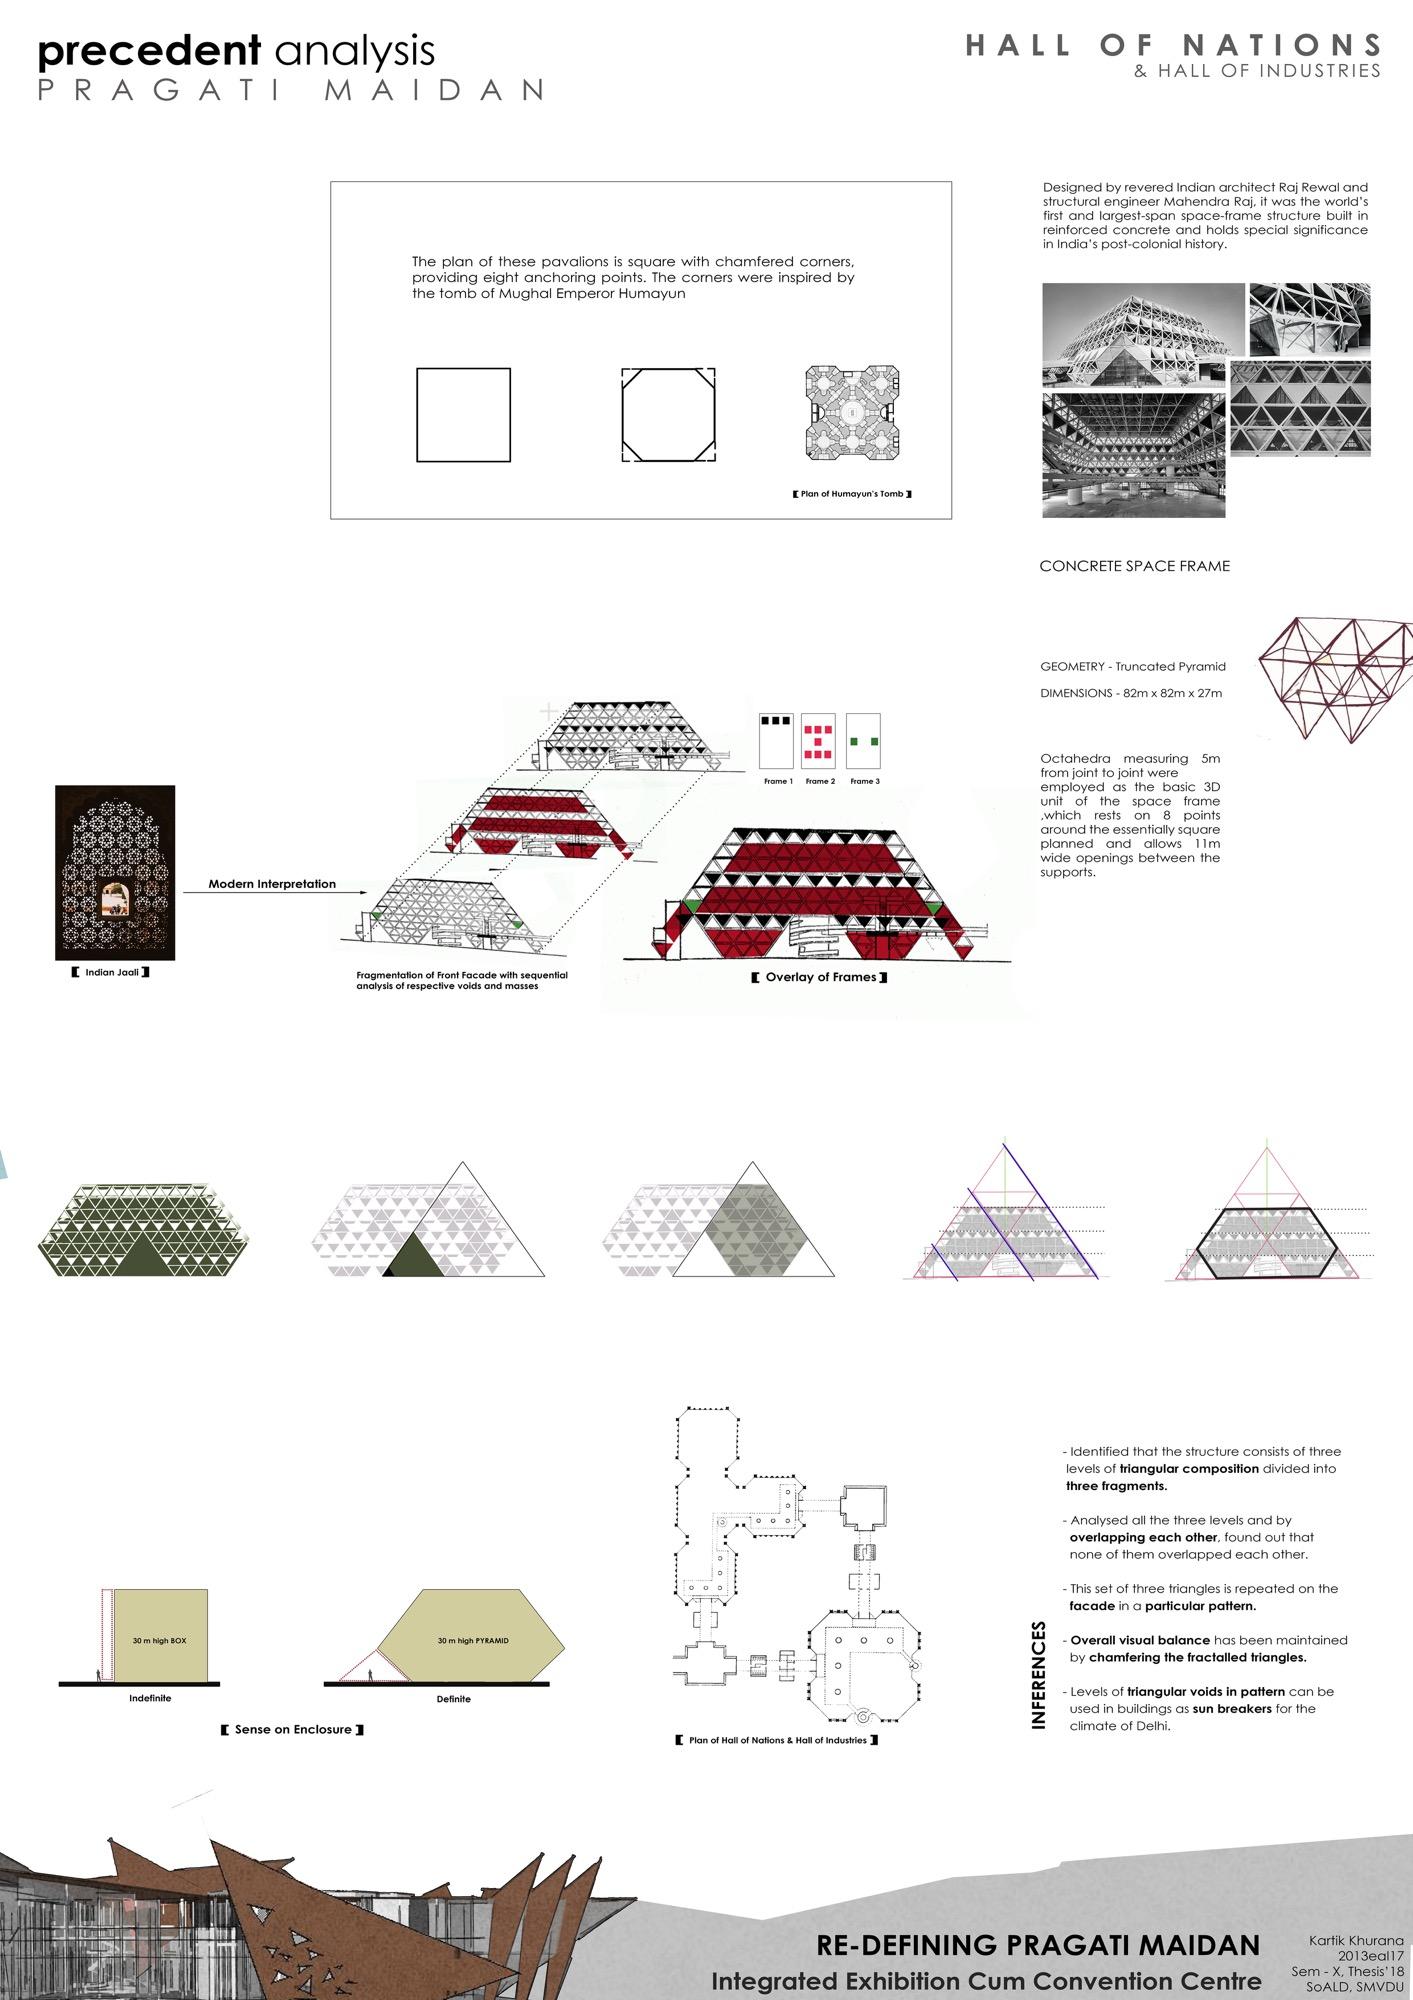 B.Arch Thesis: Redefining Pragati Maidan, International Convention Cum Exhibition Centre, by Kartik Khurana 3